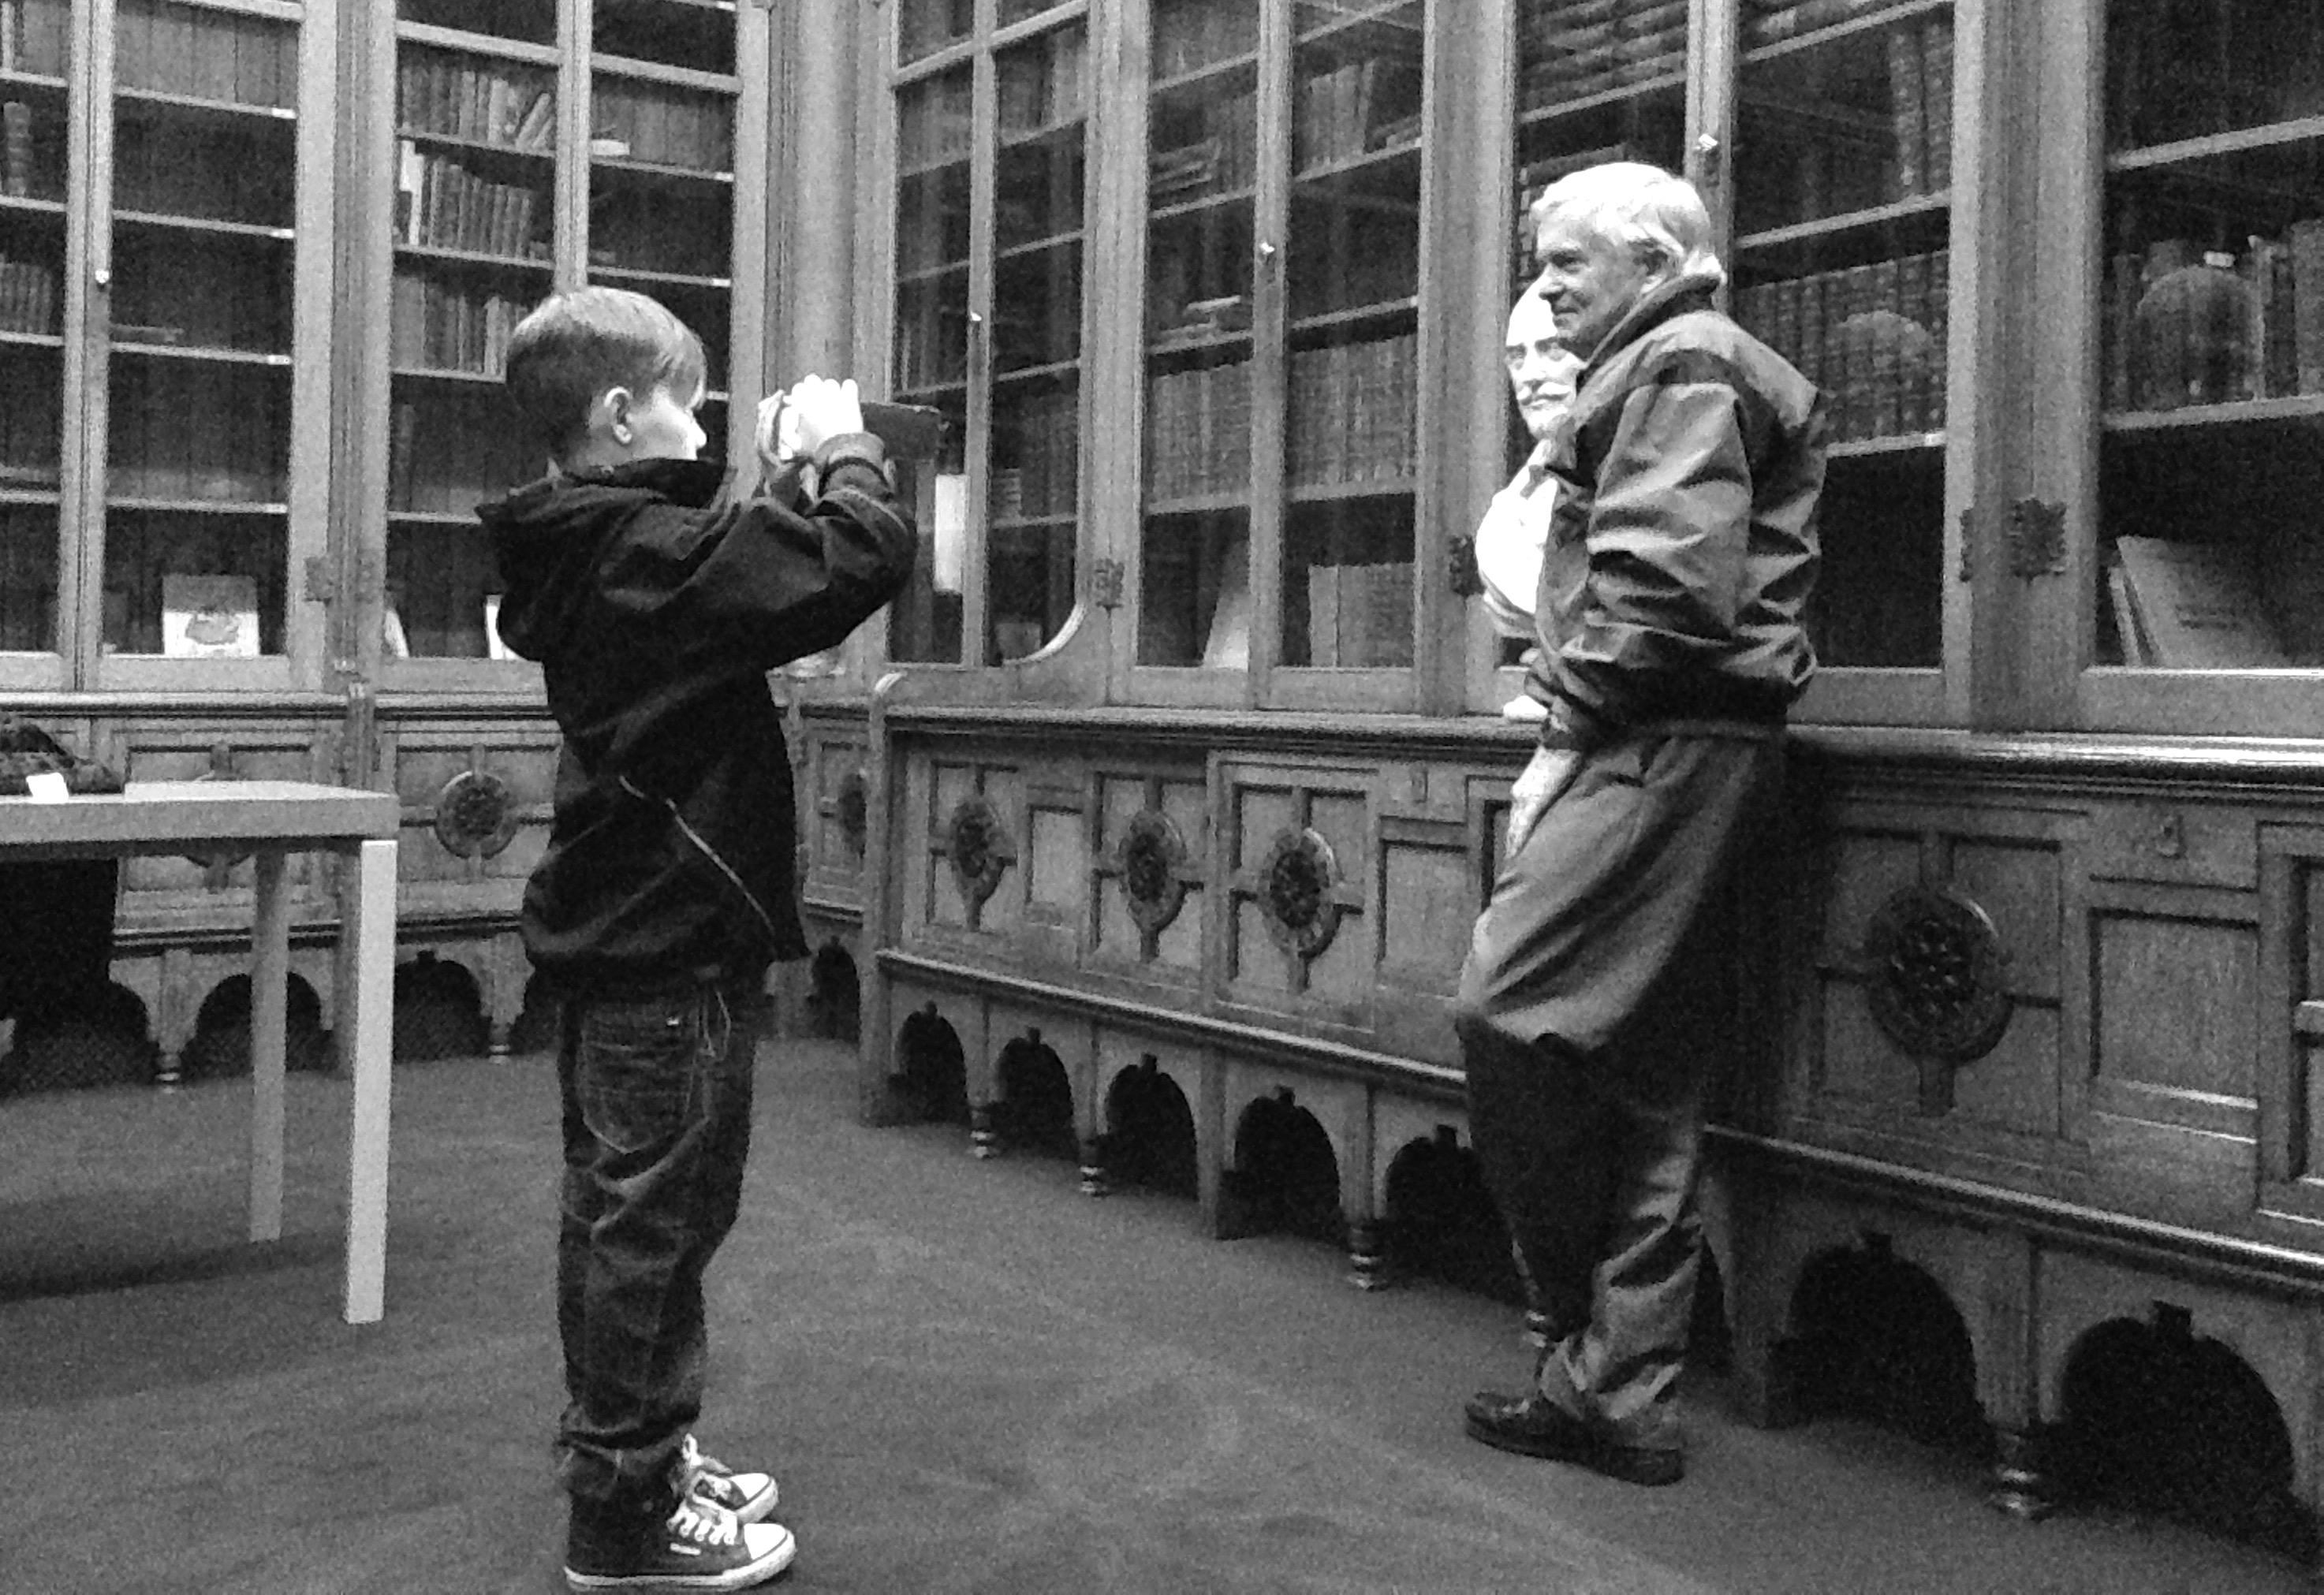 Il nipote fa la foto al nonno insieme al busto di Shakespeare nella sala dedicata allo scrittore della biblioteca di Birmingham